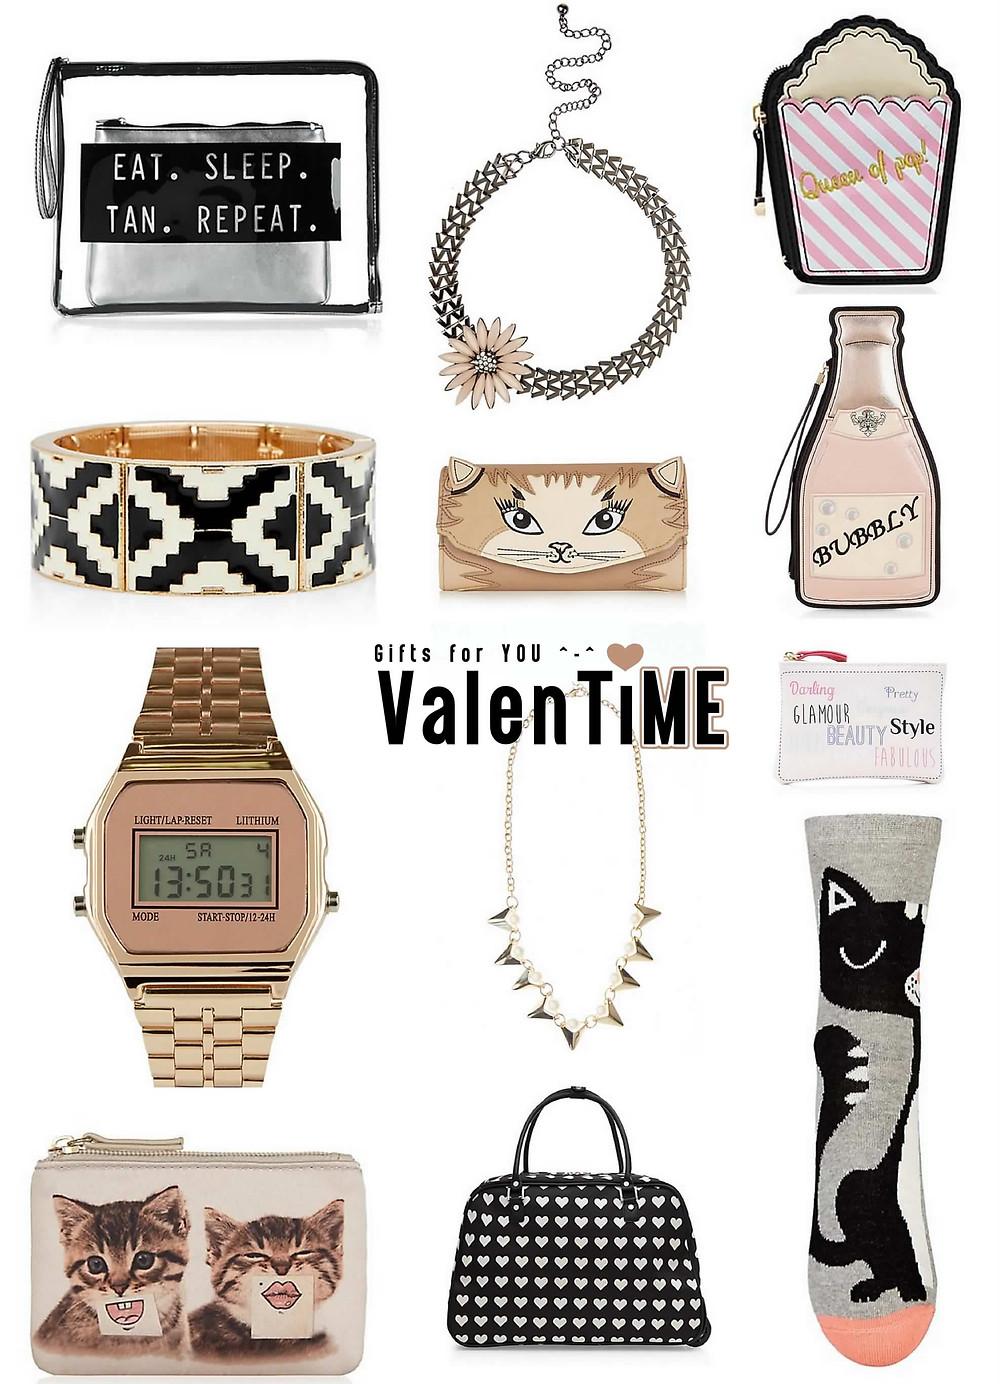 Sweet Valentine gifts.jpg